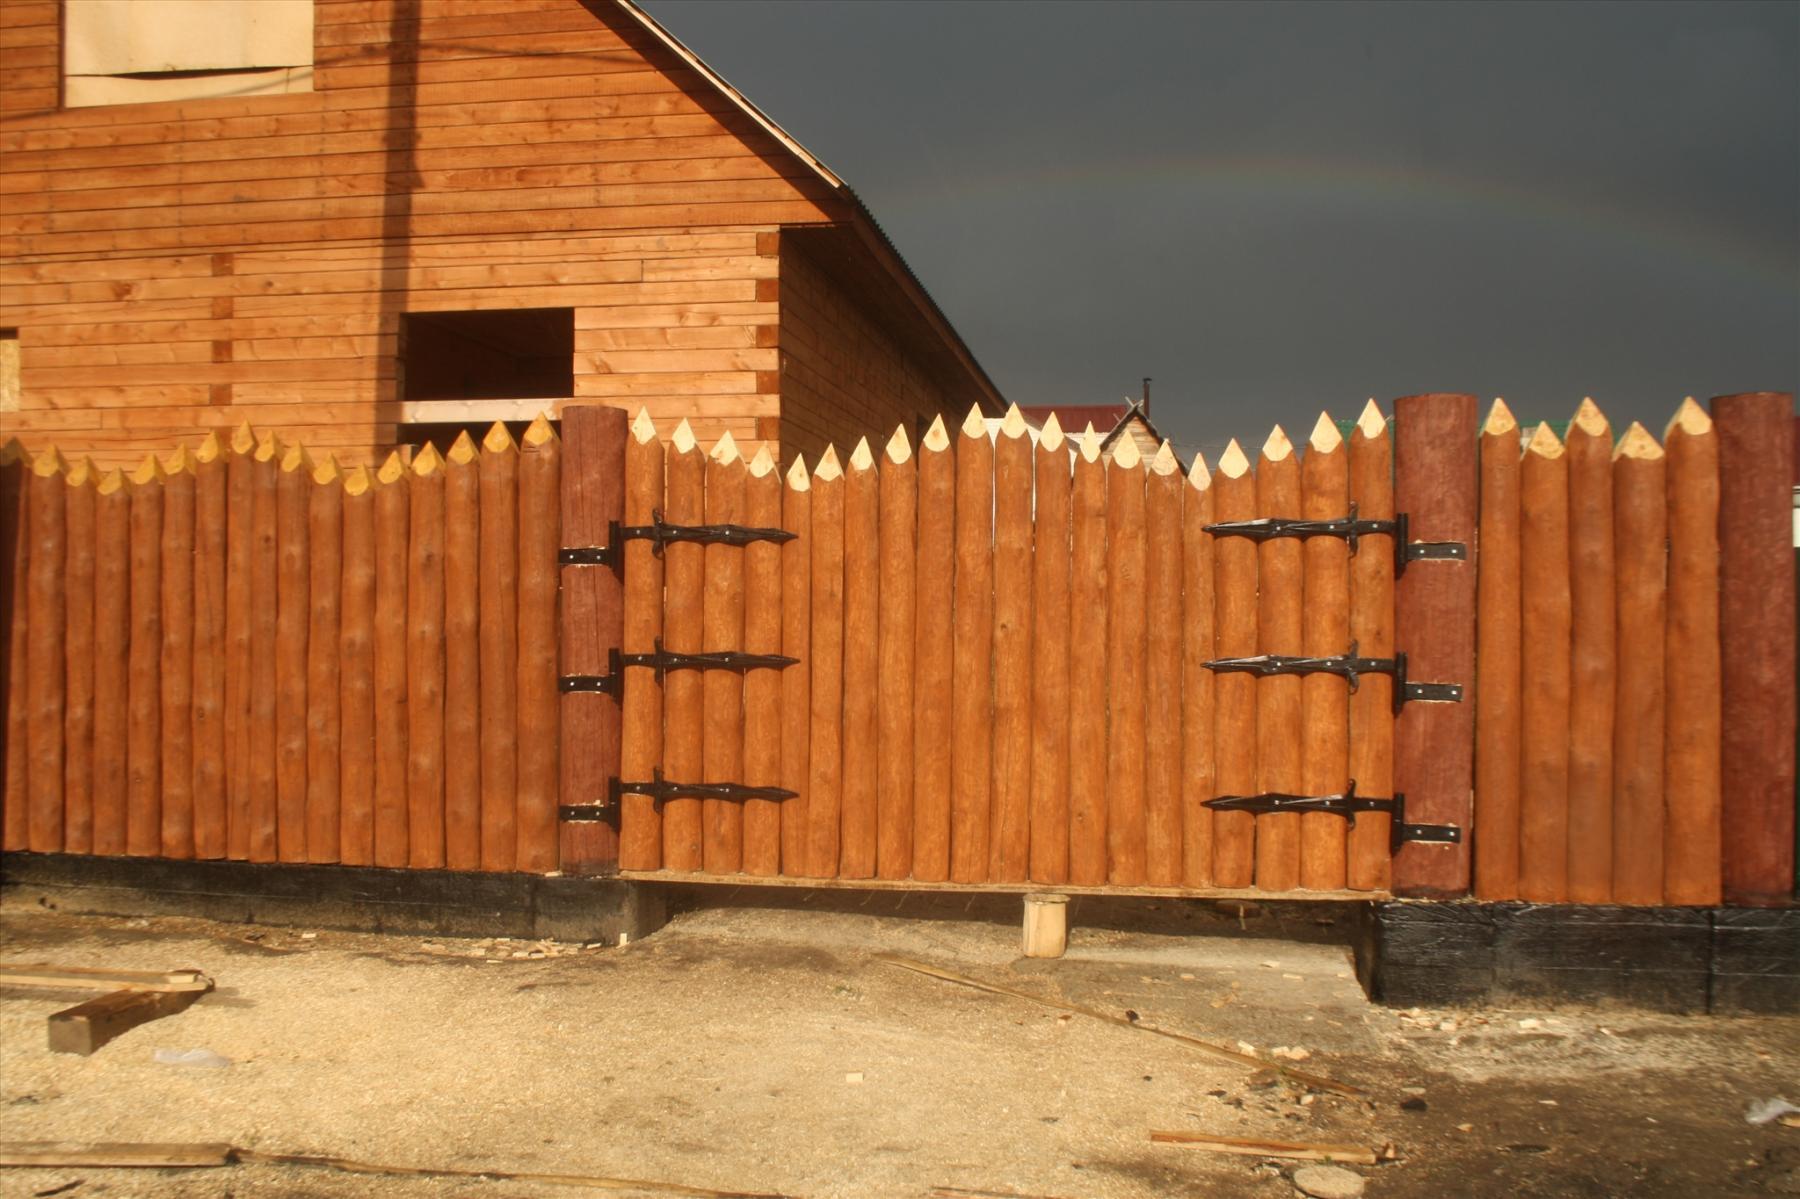 этого каждом забор бревенчатого дома картинки этом стоит